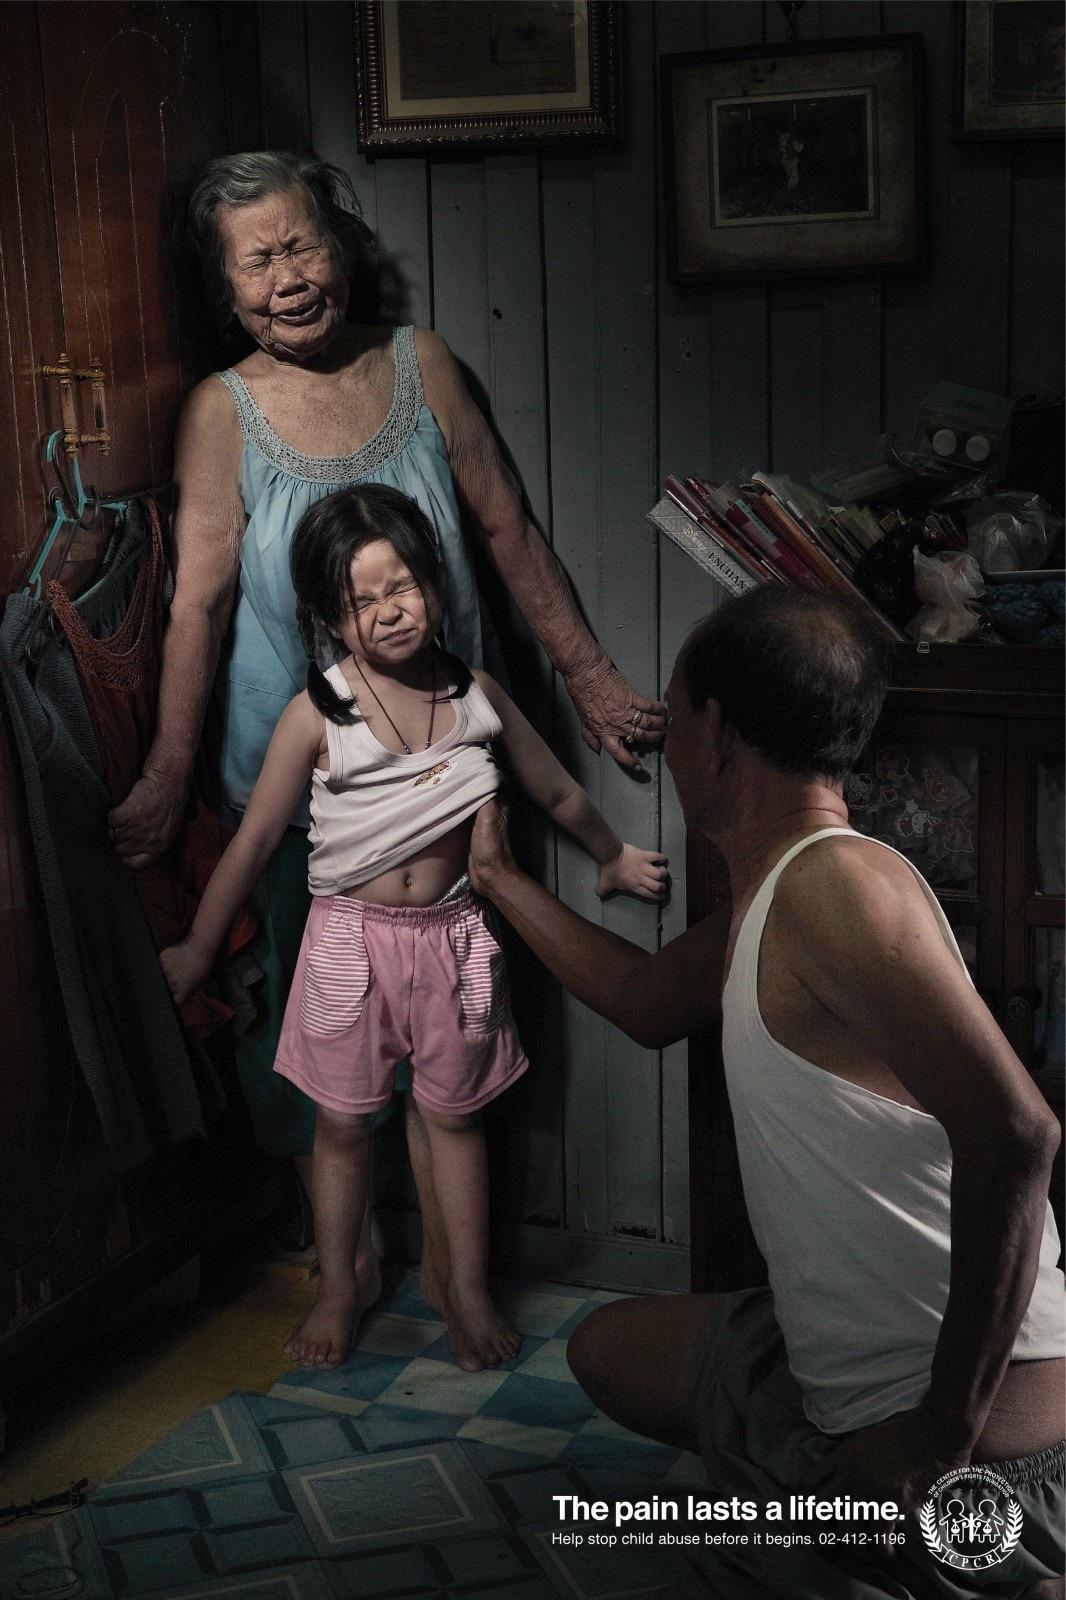 Nỗi đau theo suốt một đời - bộ ảnh phòng chống lạm dụng trẻ em từng gây chấn động MXH Thái Lan - Ảnh 3.